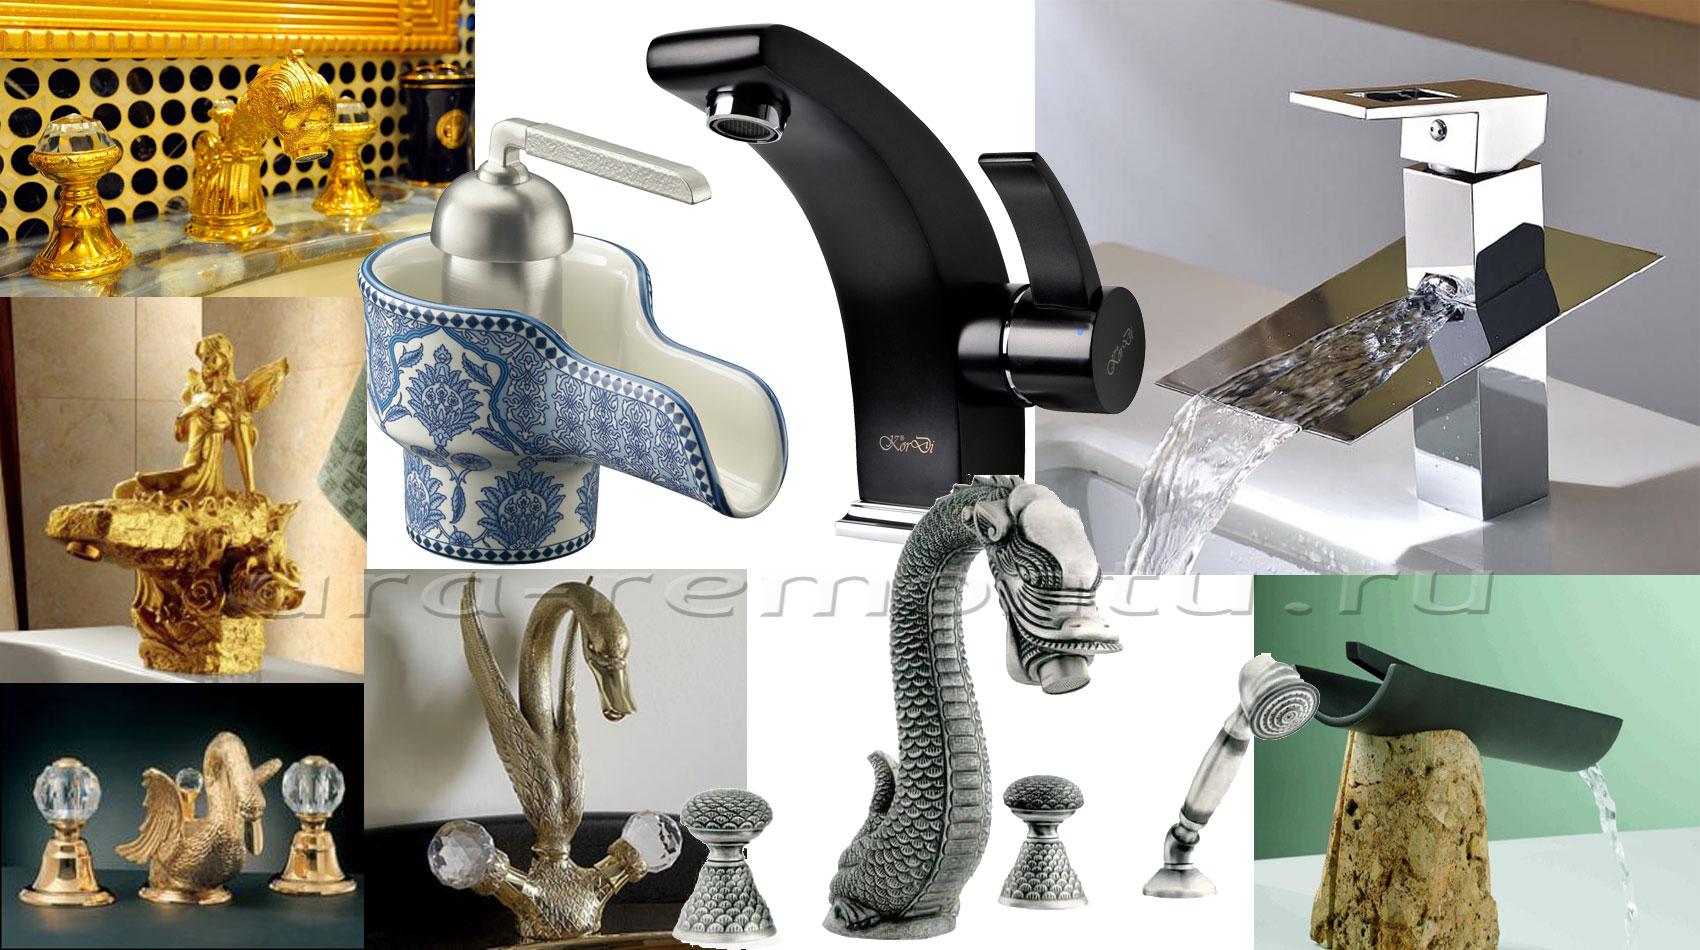 Как выбрать смеситель для ванной с душем: правила и советы, какой выбрать